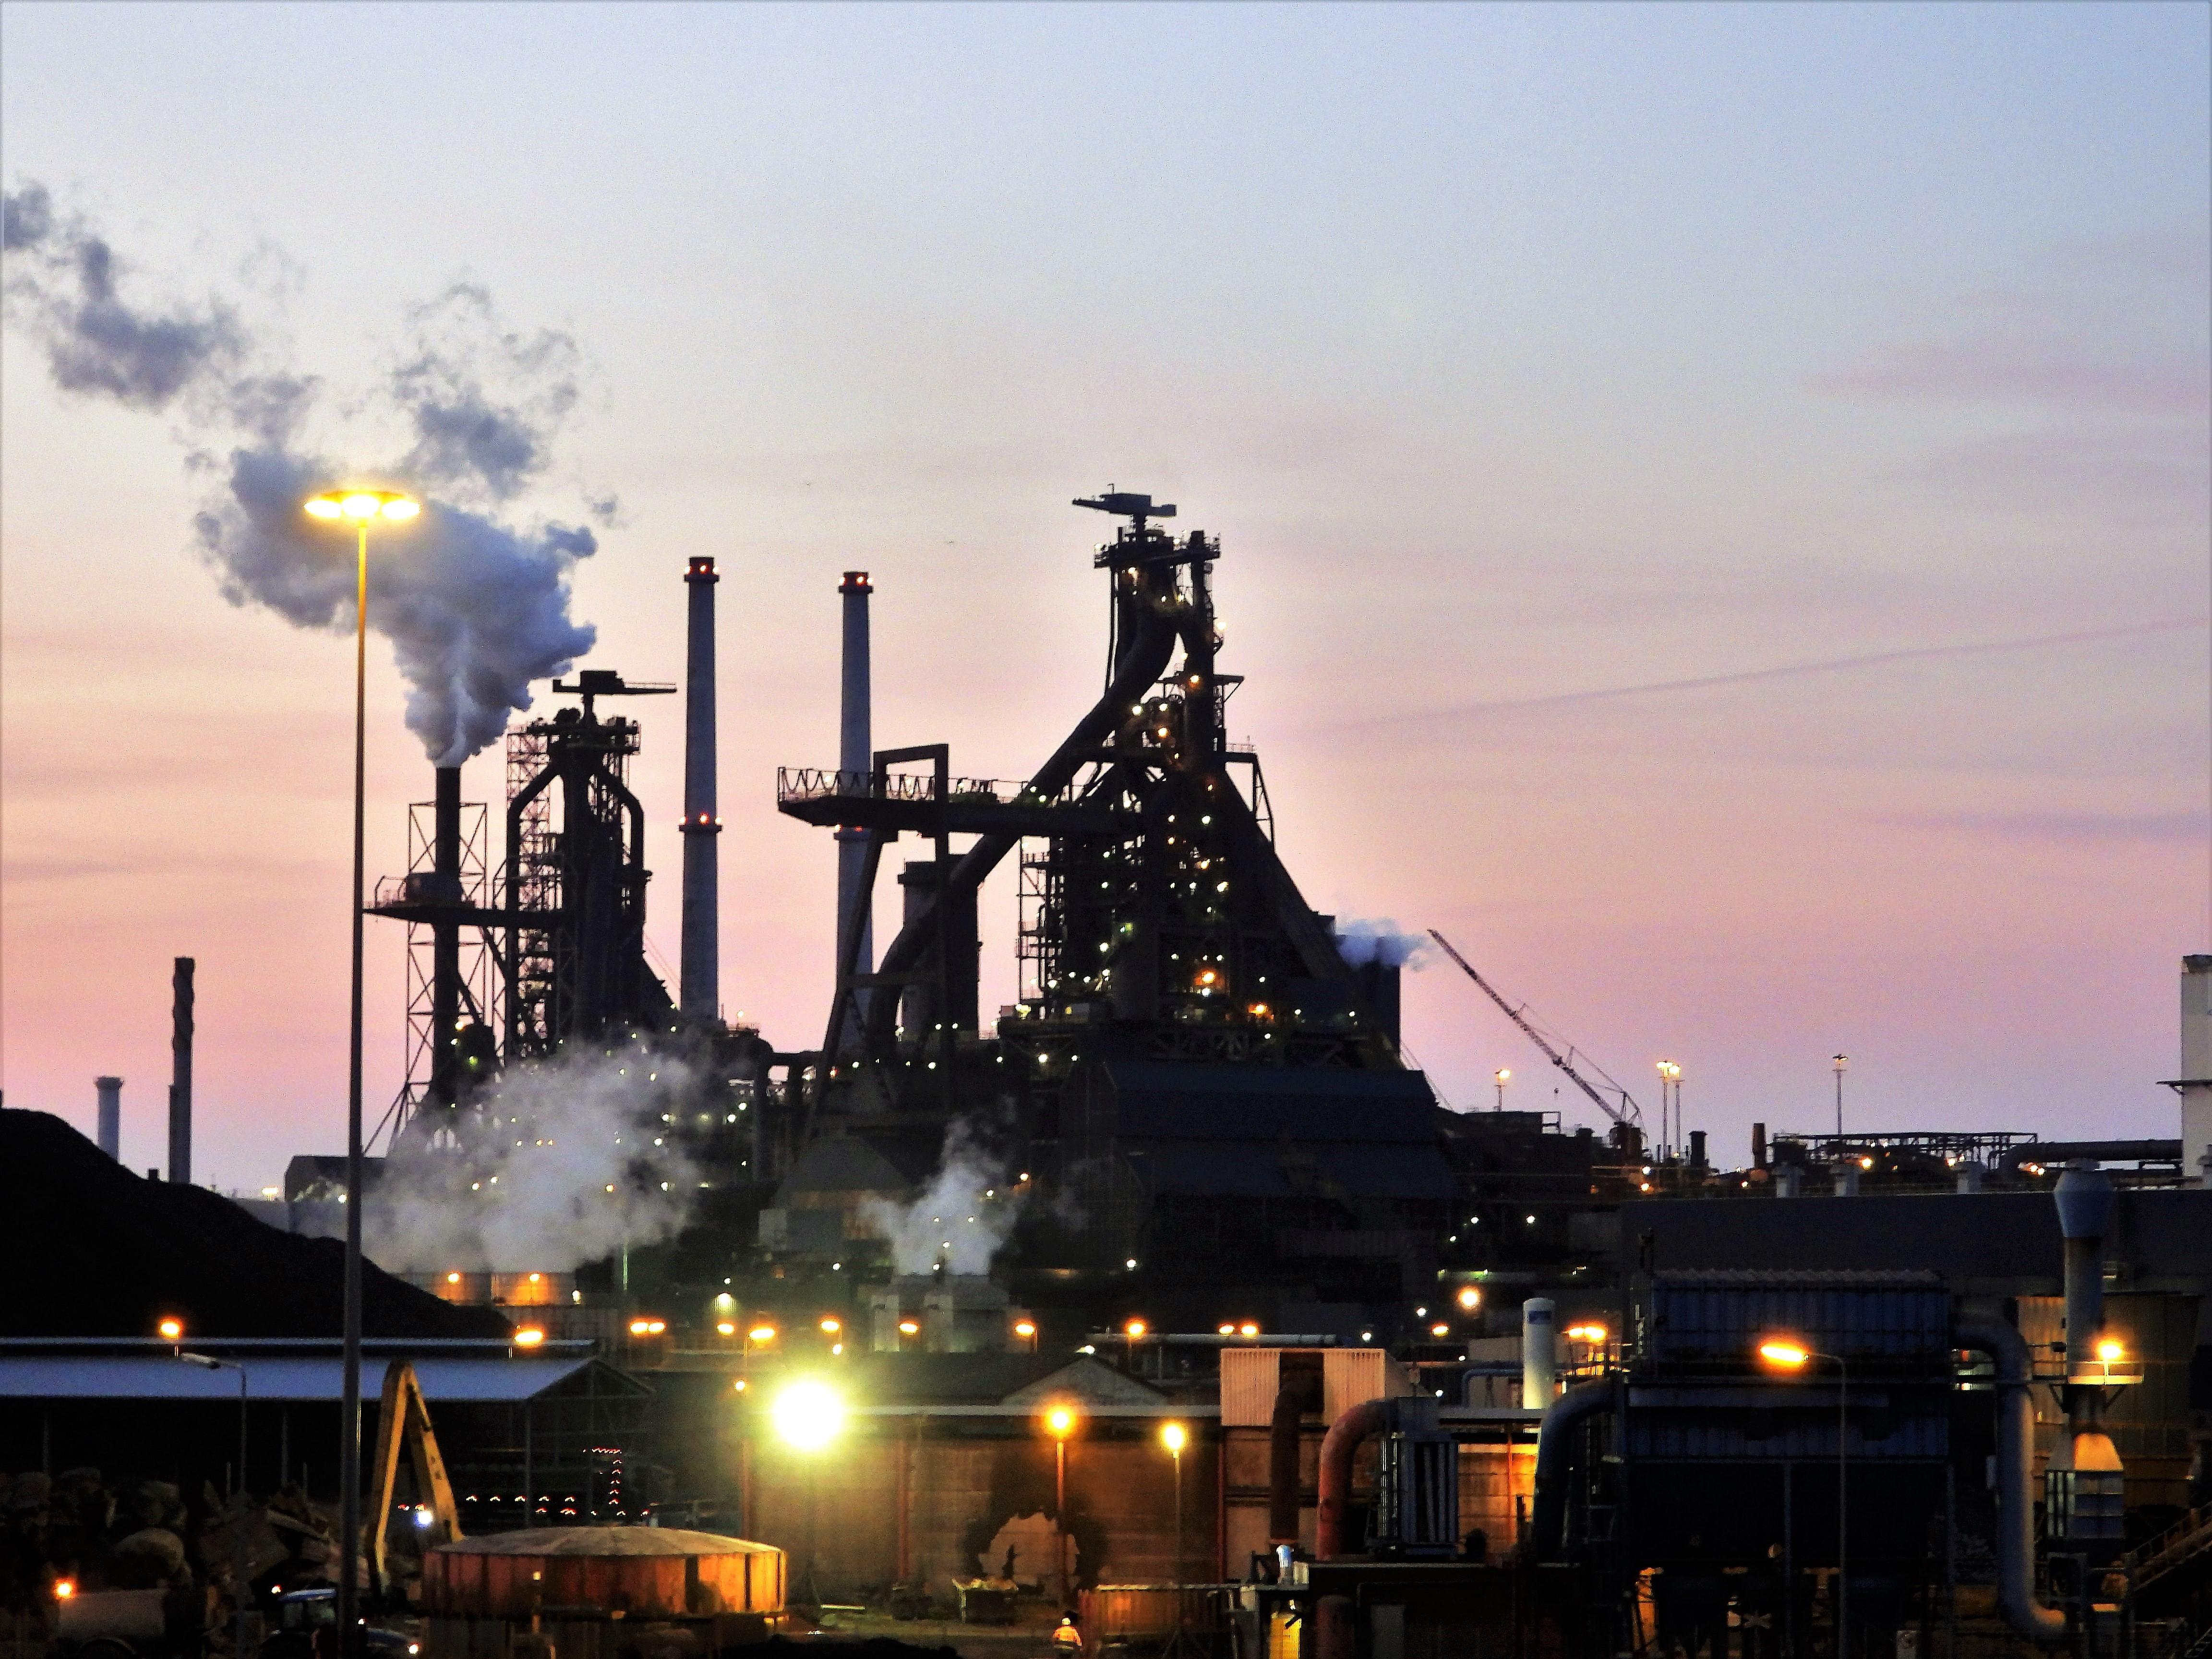 Toekomstplan provincie voor schoner Tata Steel vertraagd, gedeputeerde Olthof belooft nog altijd 'concrete maatregelen'